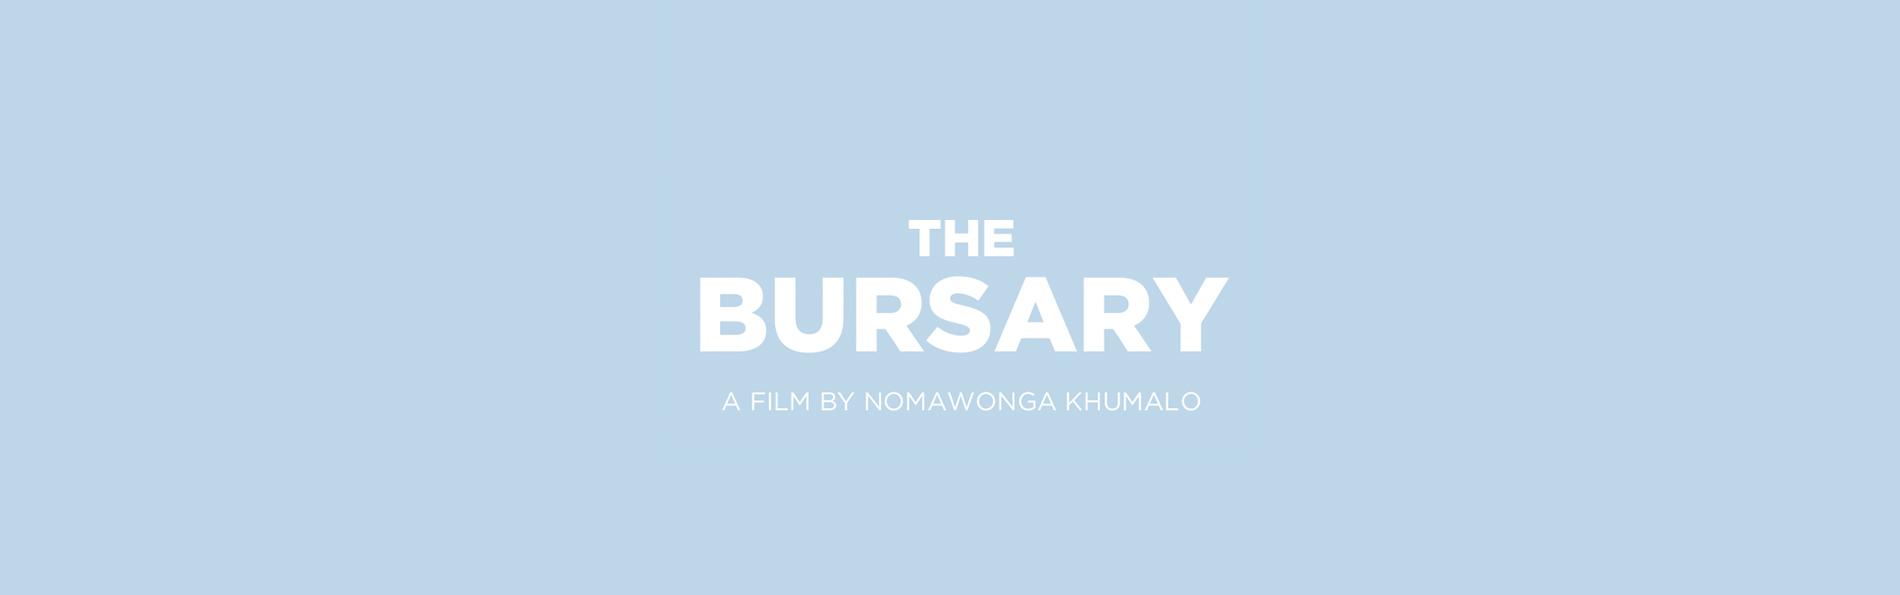 The bursary